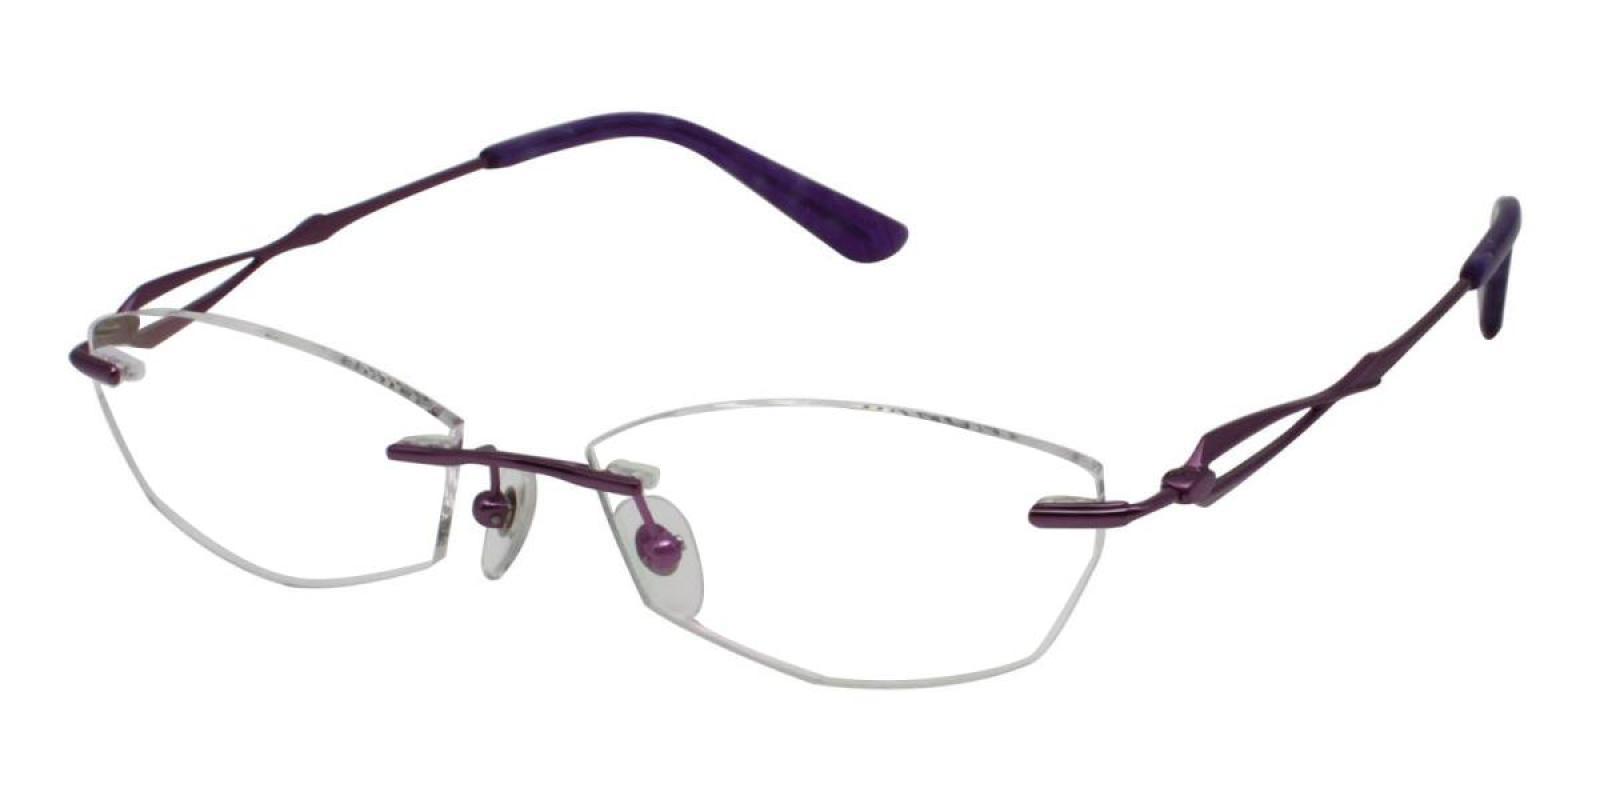 Pininic-Purple-Varieties-Titanium-Eyeglasses-additional1